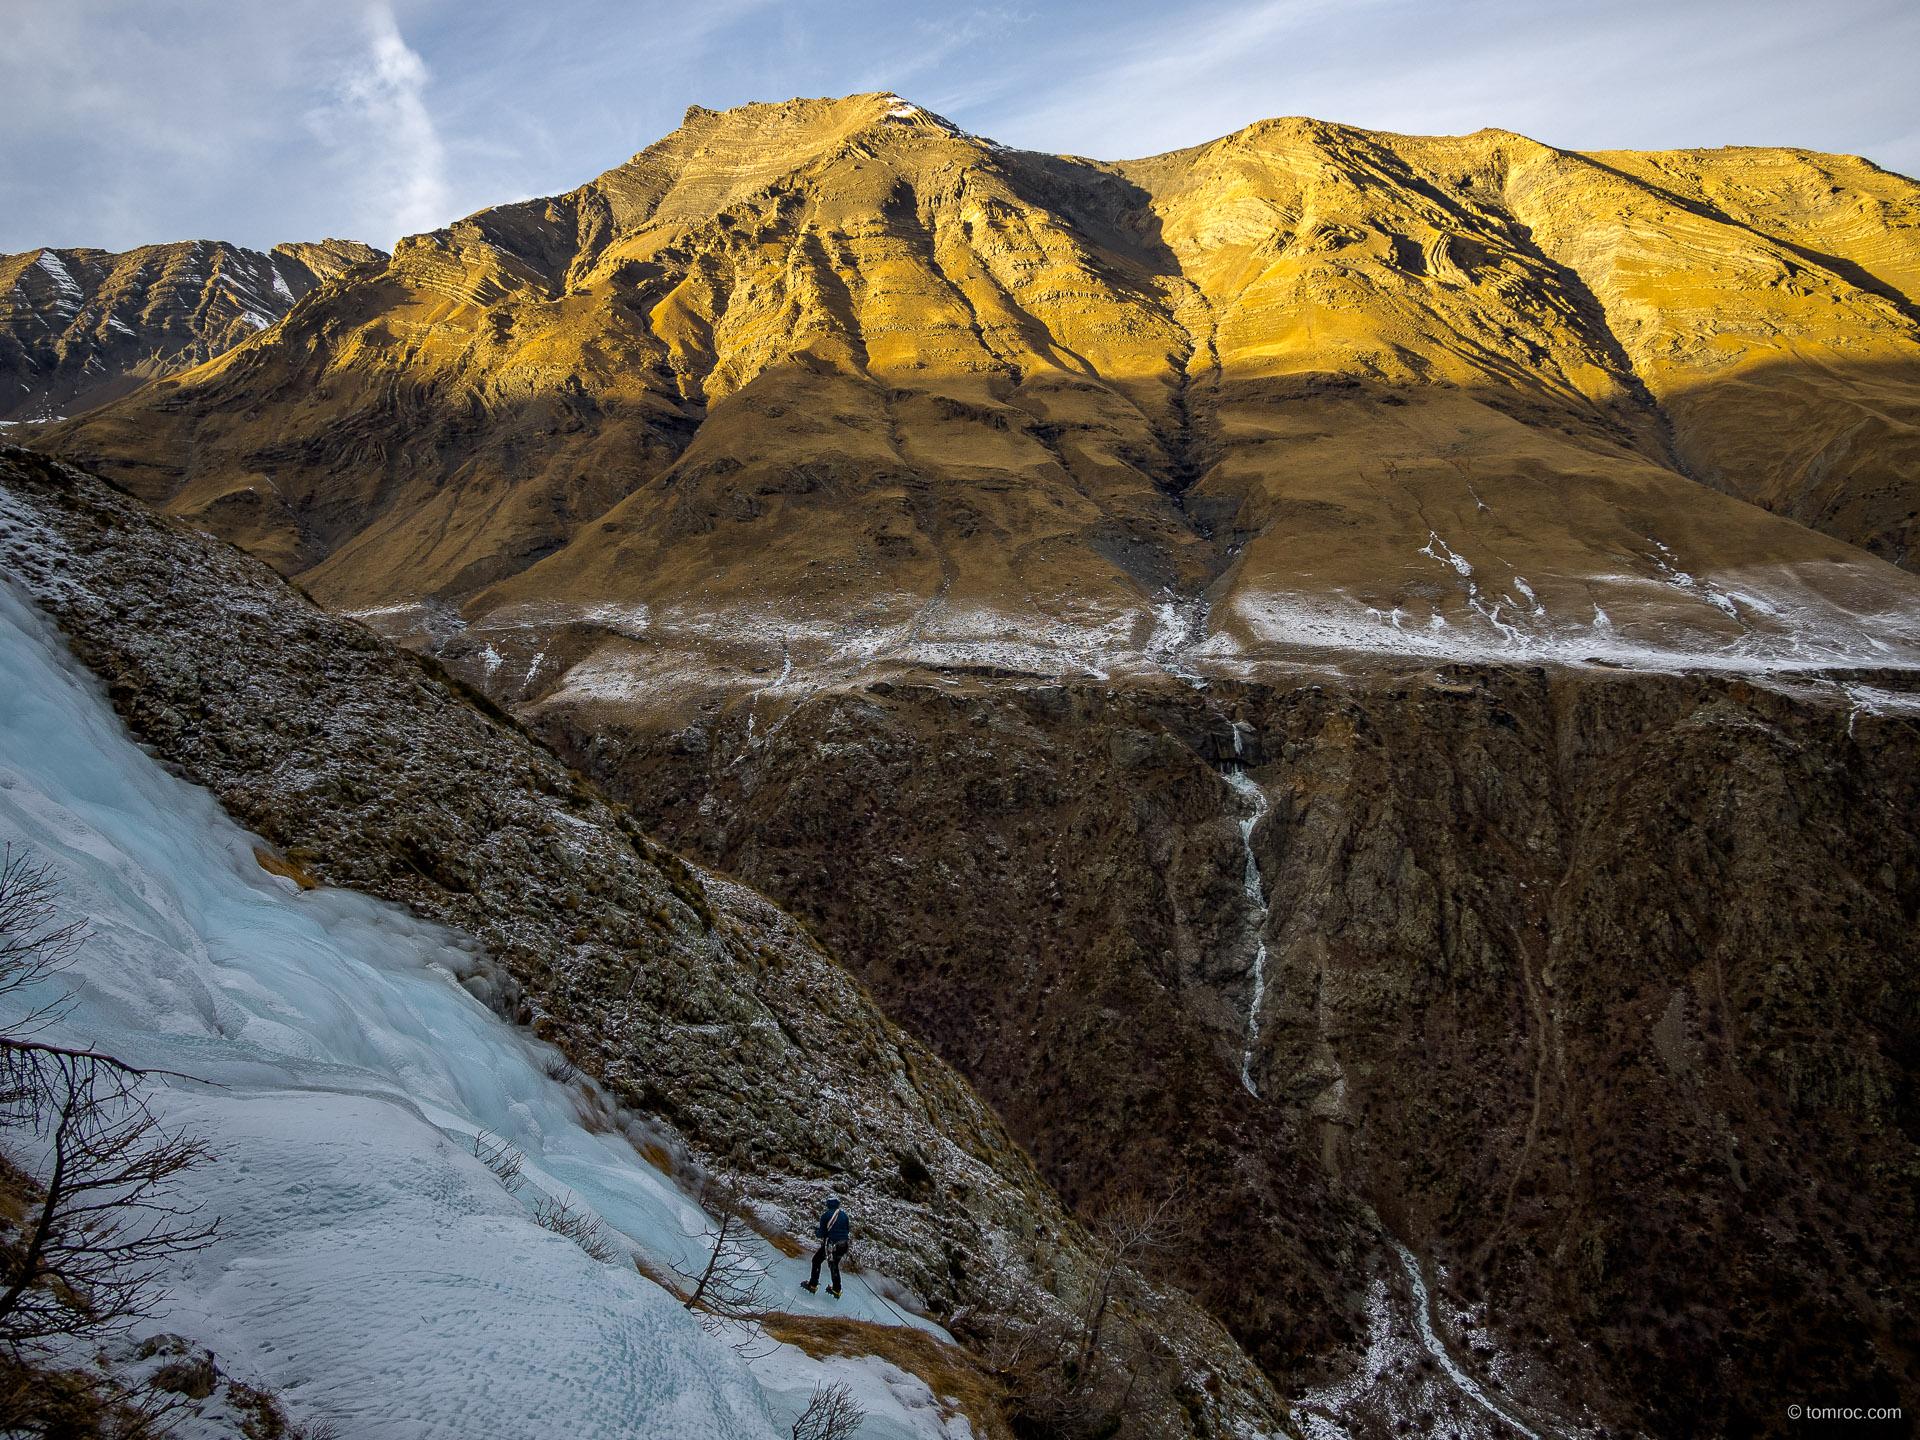 Nouvel an et Cascades de glace sans neige